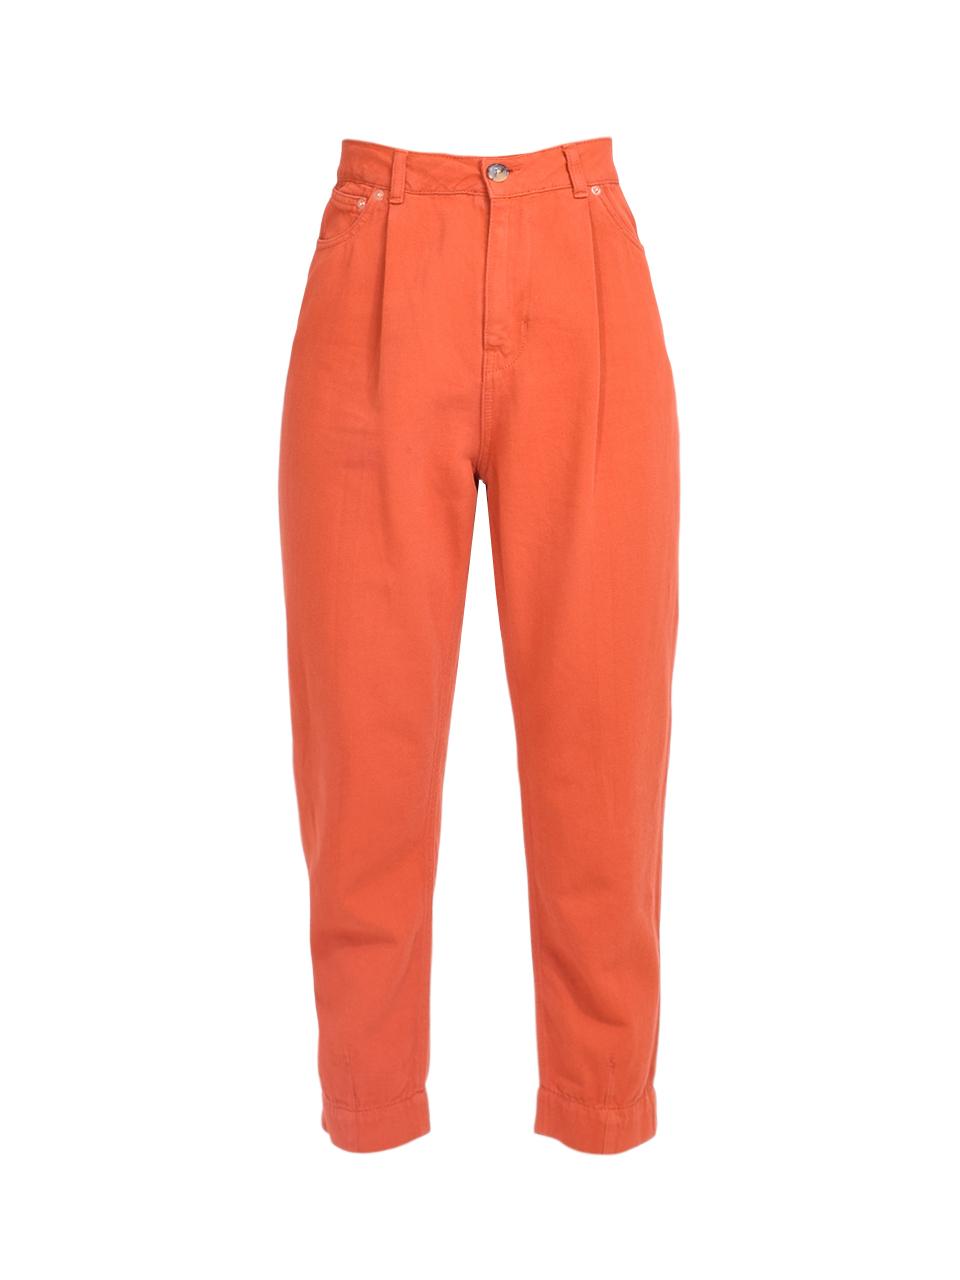 Bellerose Pleaty Jeans in Terracotta Product Shot